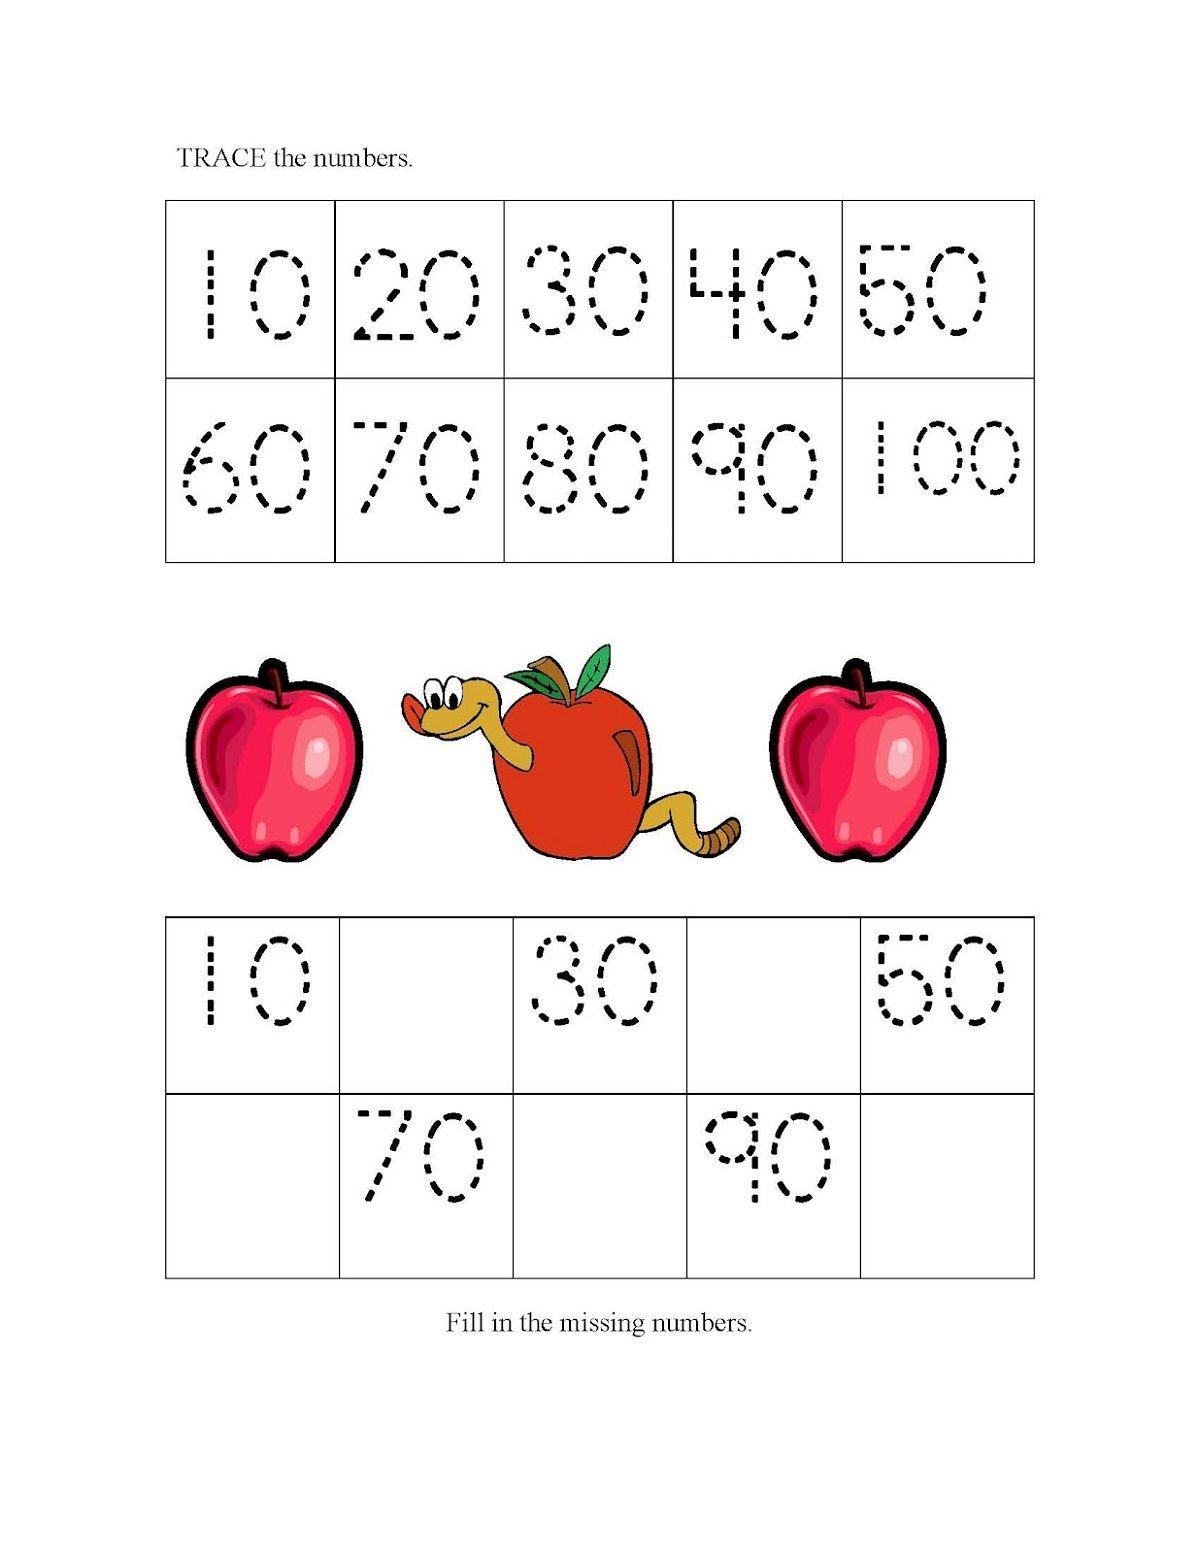 Skip Count By 10 Worksheet Easy